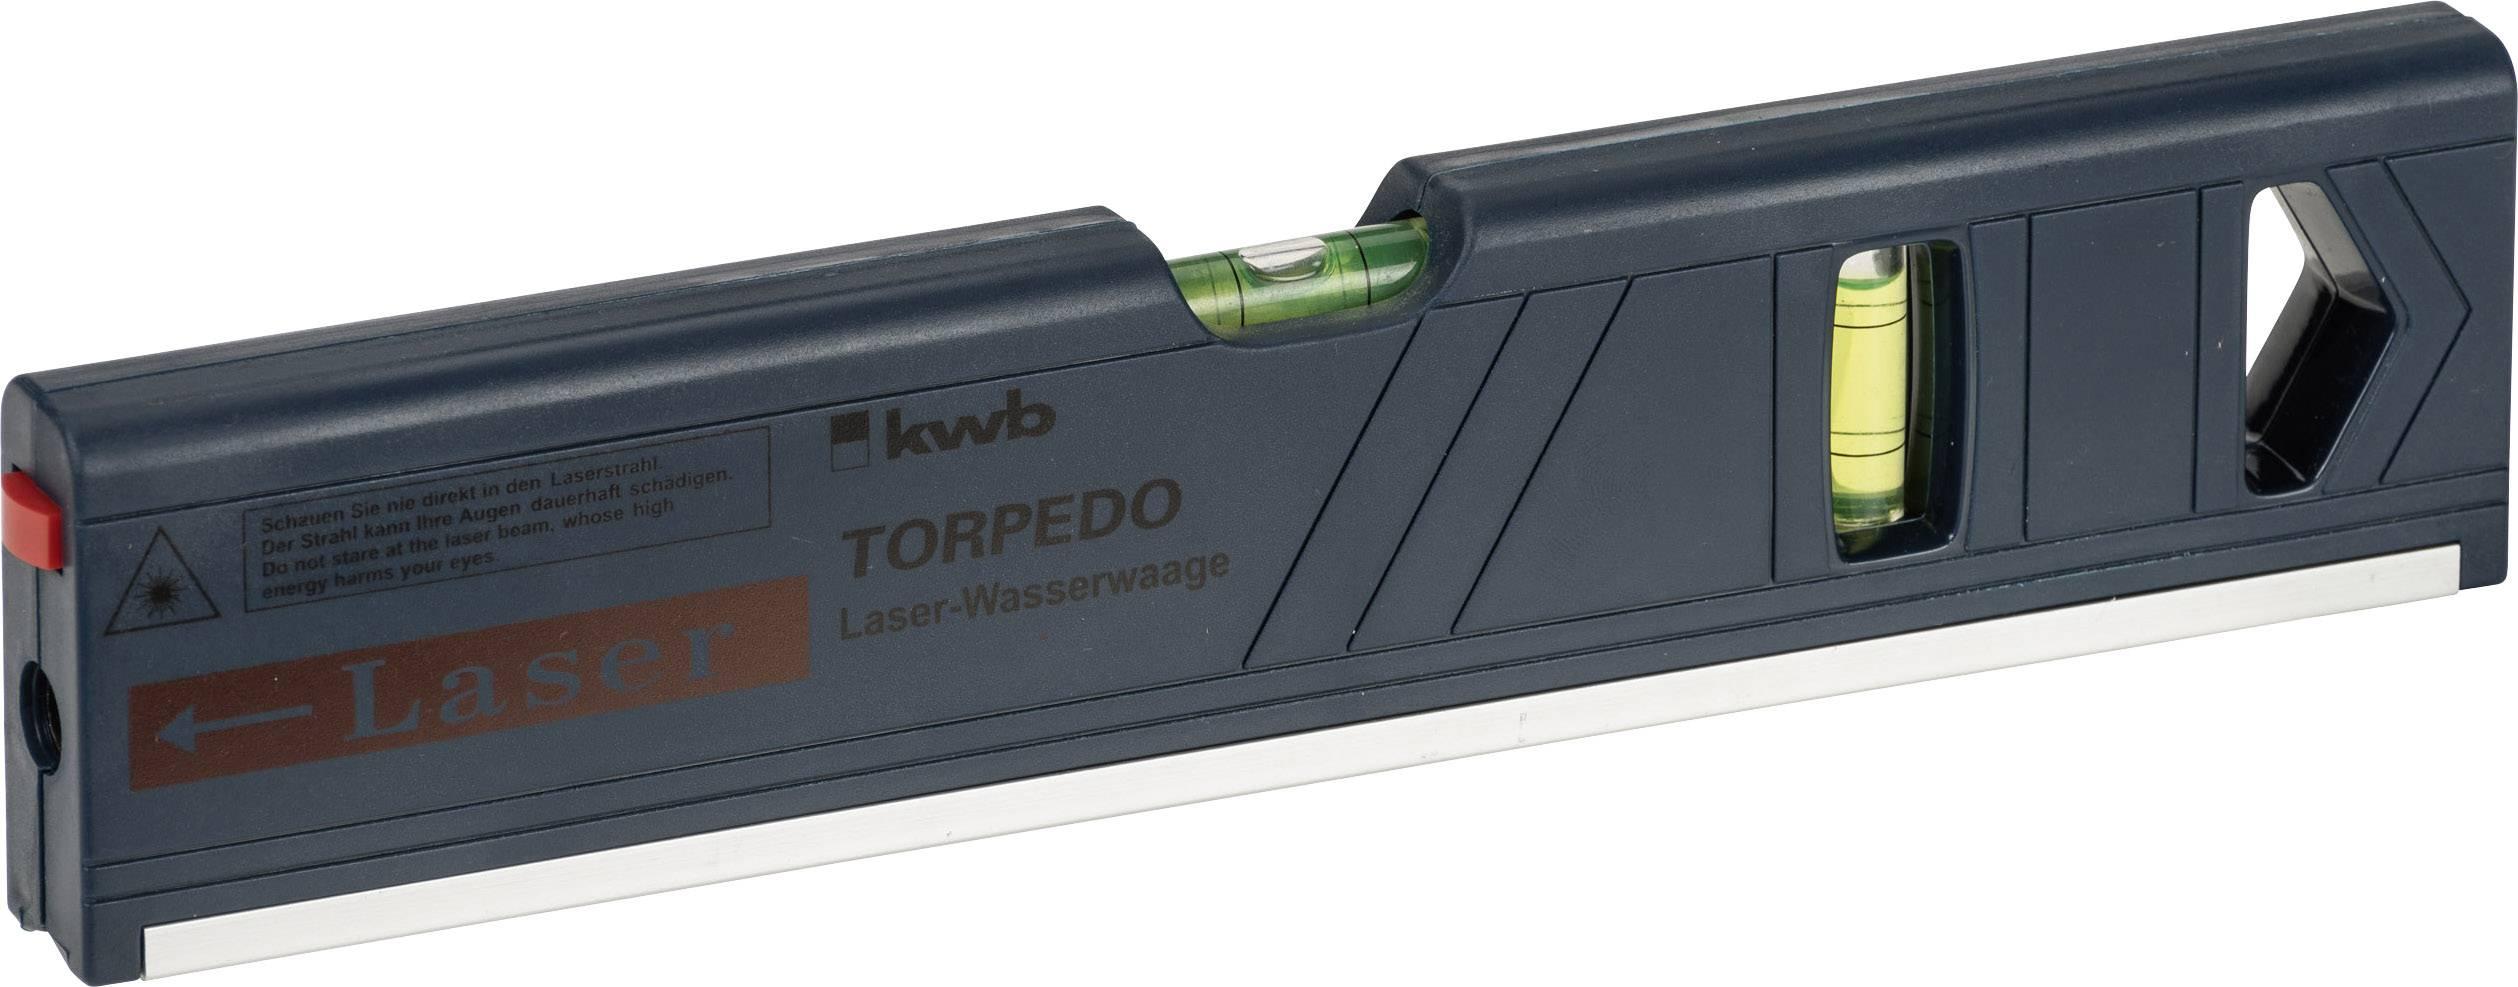 Laserová vodováha Torpedo, 270 mm